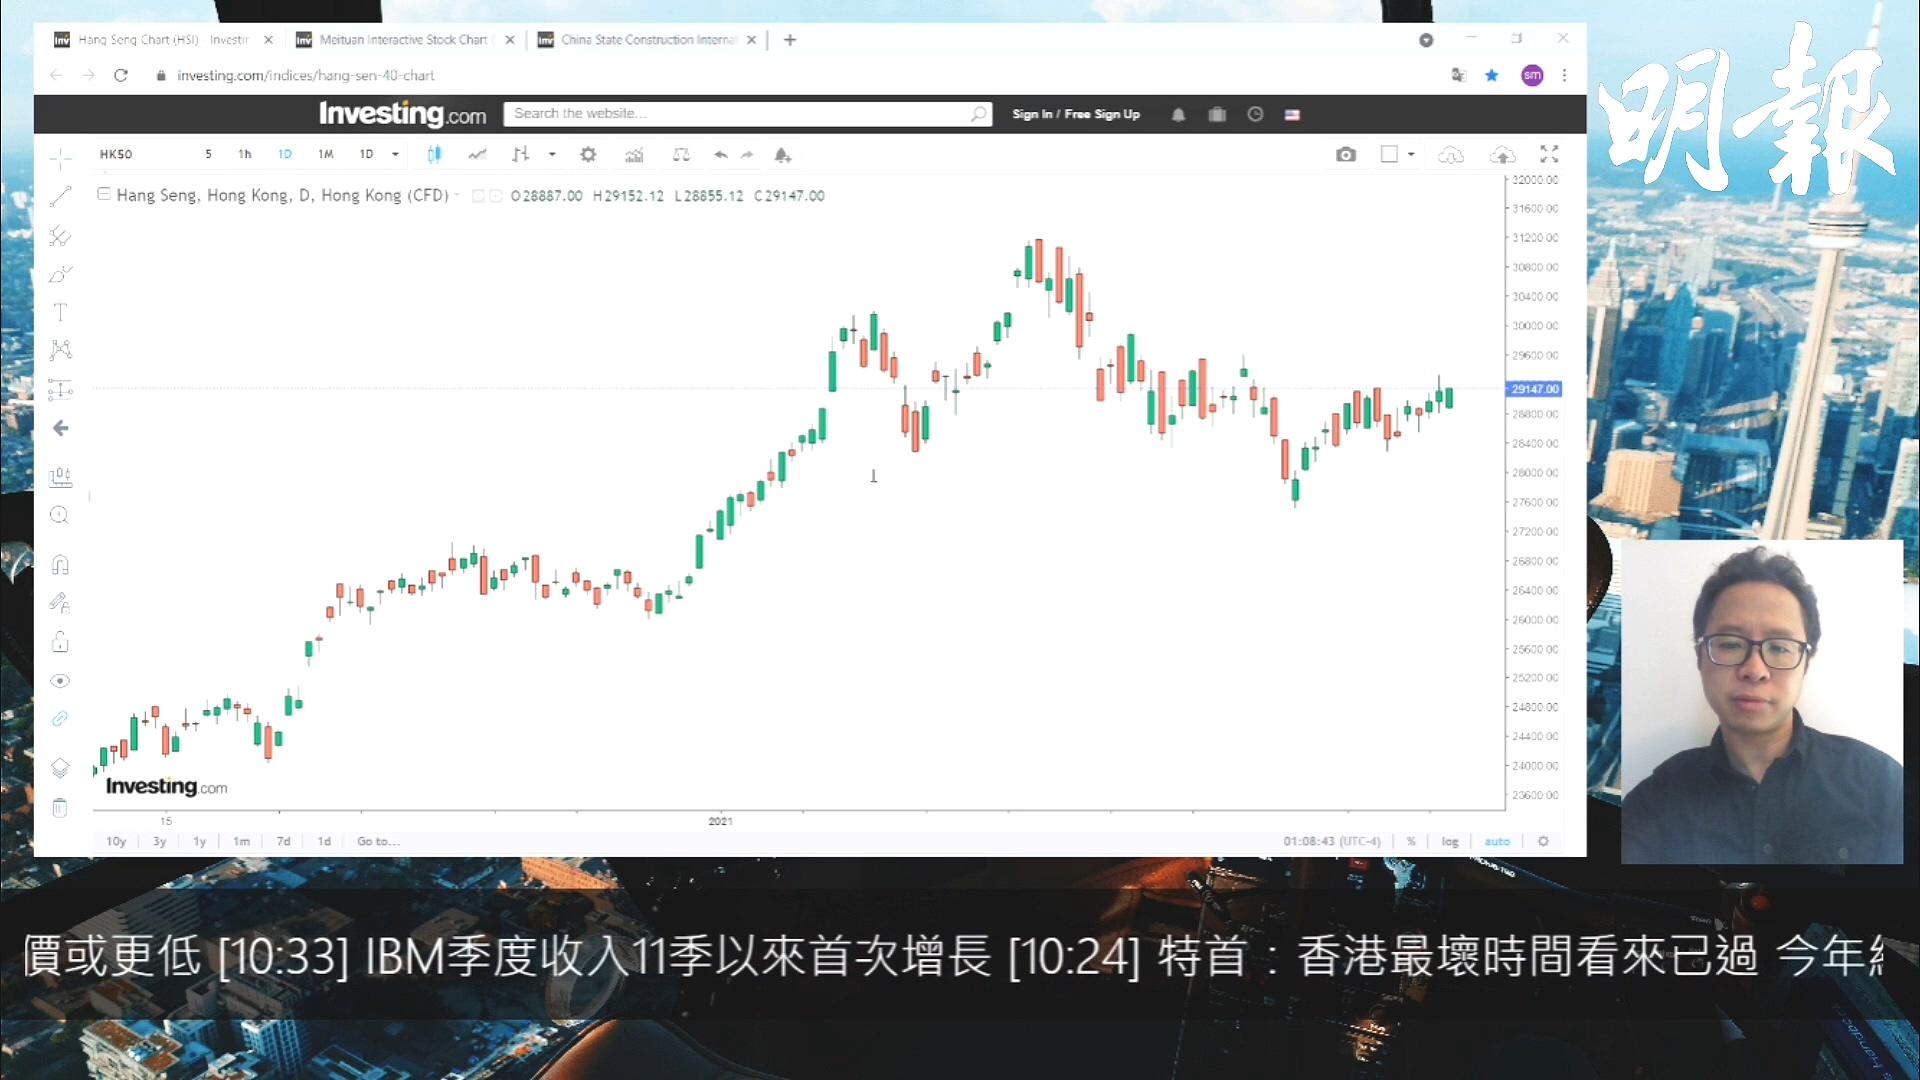 【有片:選股王】港股表現反覆 中國建築可以留意